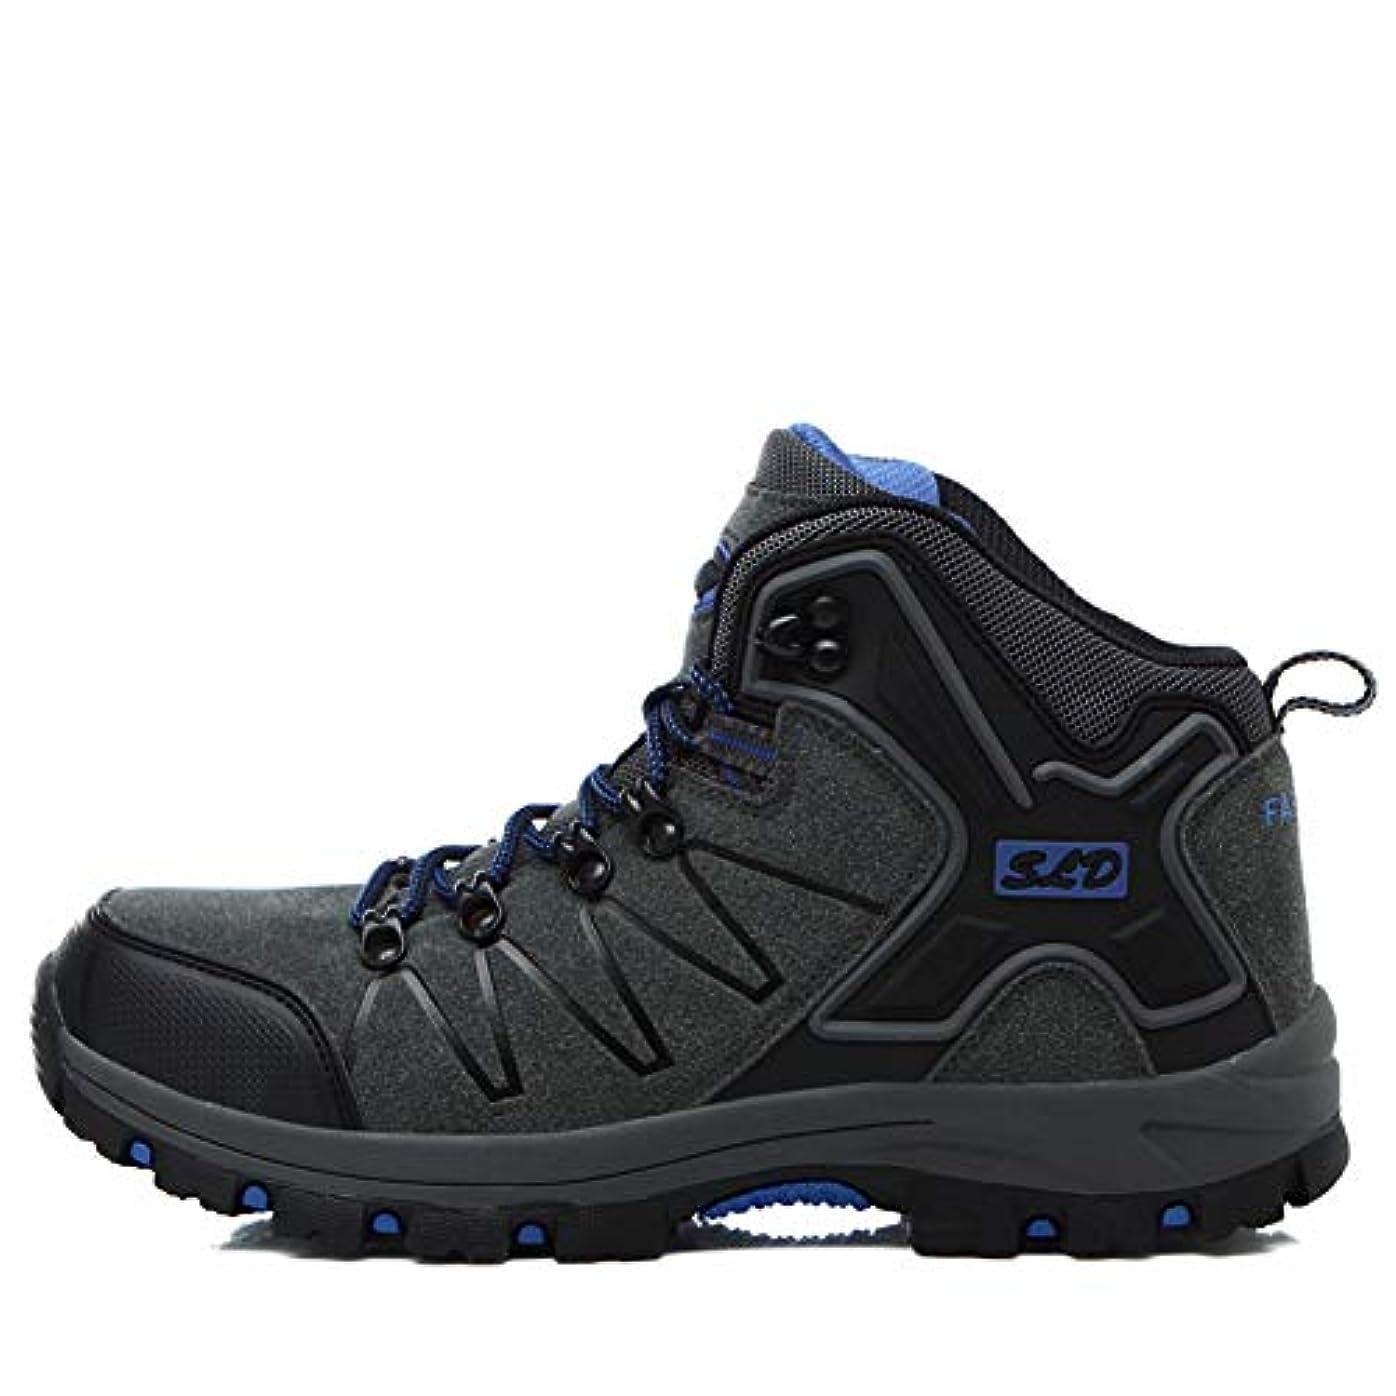 シャッター本永久[TcIFE] トレッキングシューズ メンズ 防水 防滑 ハイカット 登山靴 大きいサイズ ハイキングシューズ メンズ 耐磨耗 ハイキングシューズ メンズ 通気性 スニーカー